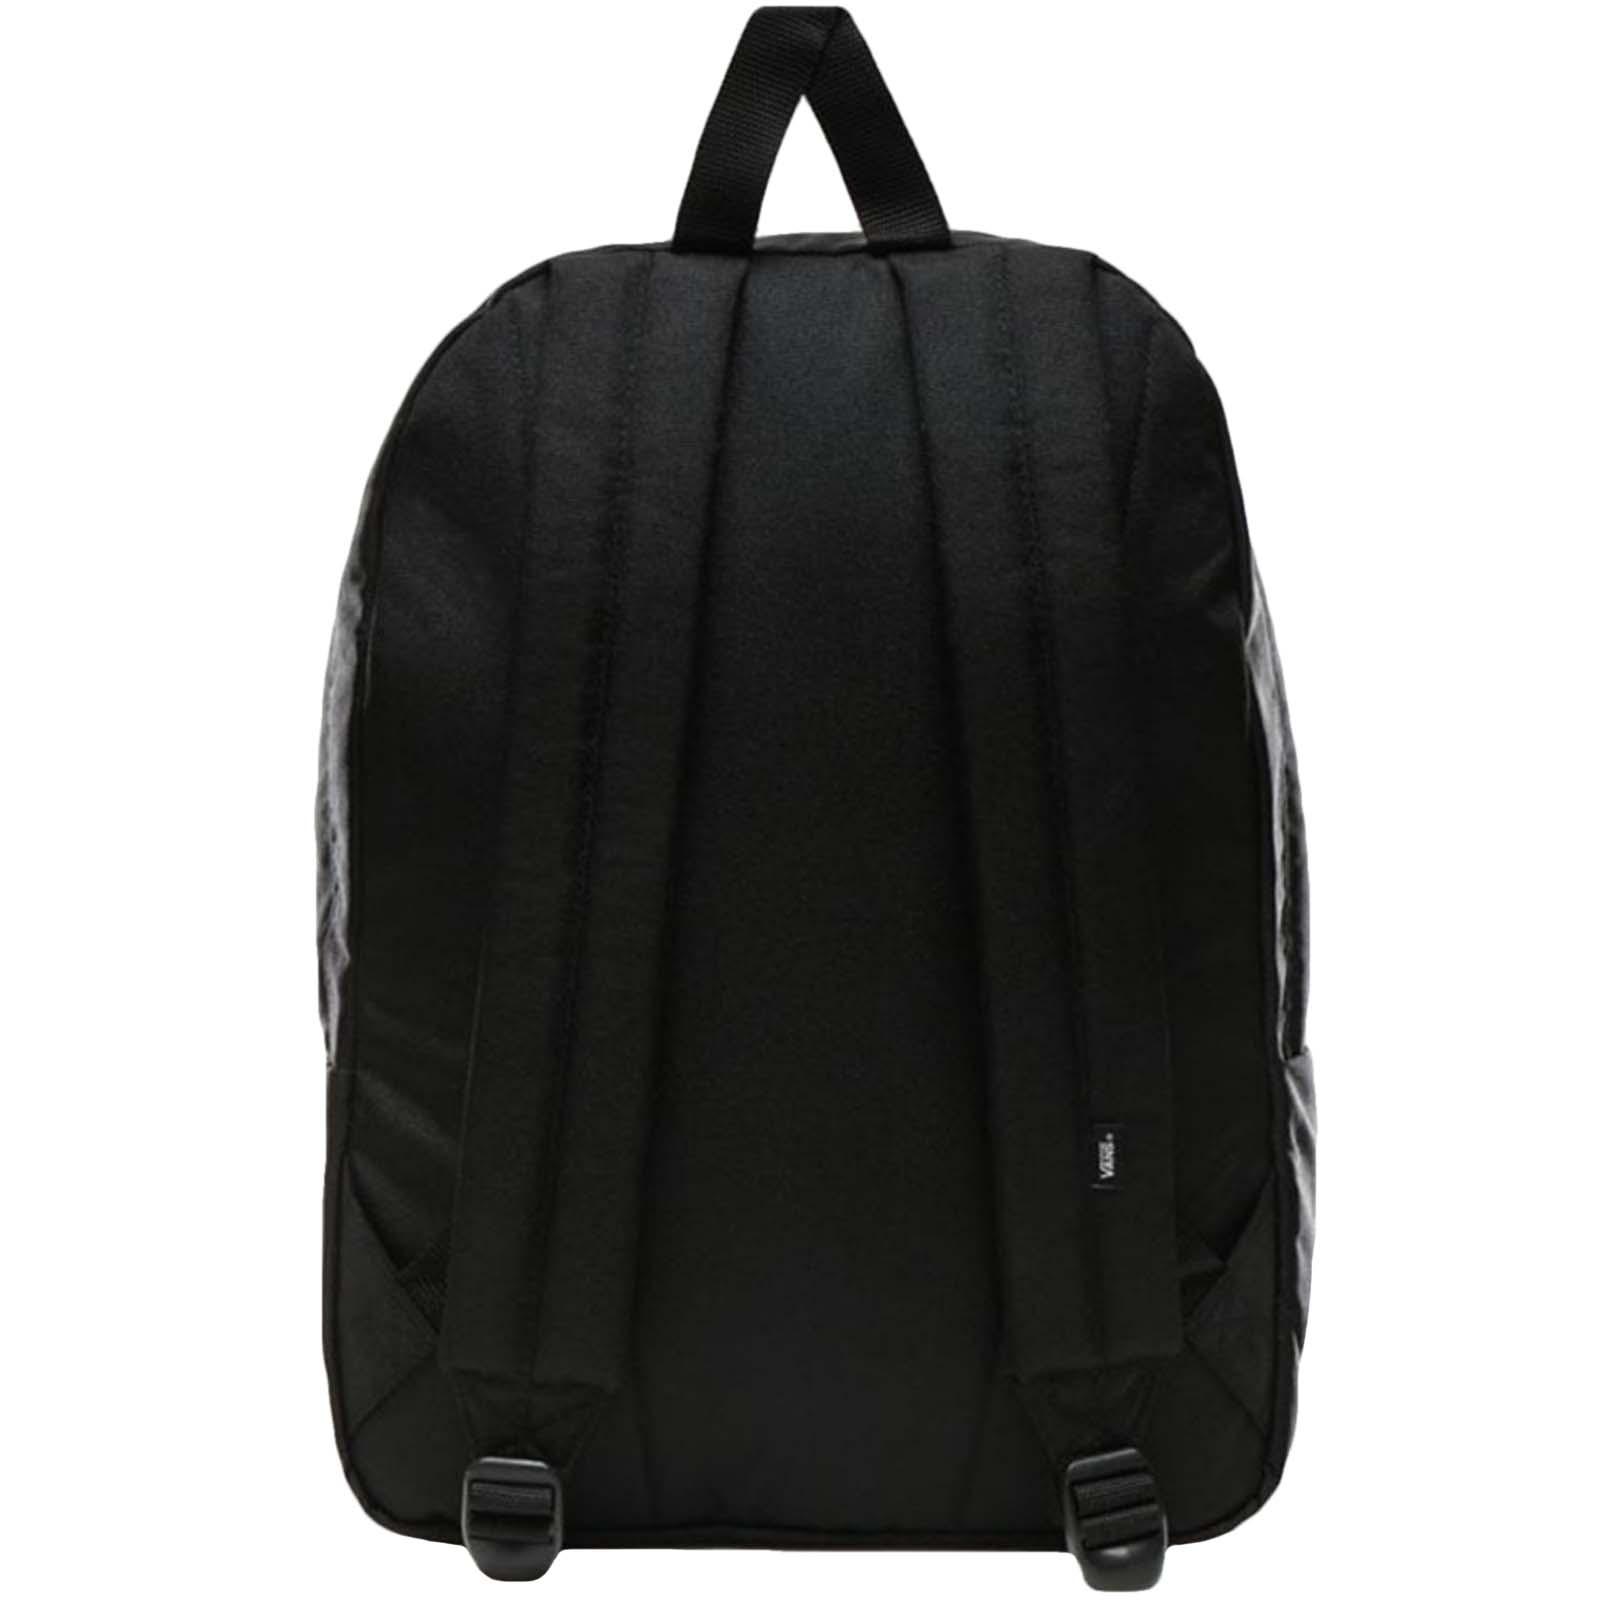 thumbnail 3 - Vans Adults Old Skool III School College Two Strap Backpack Rucksack Bag